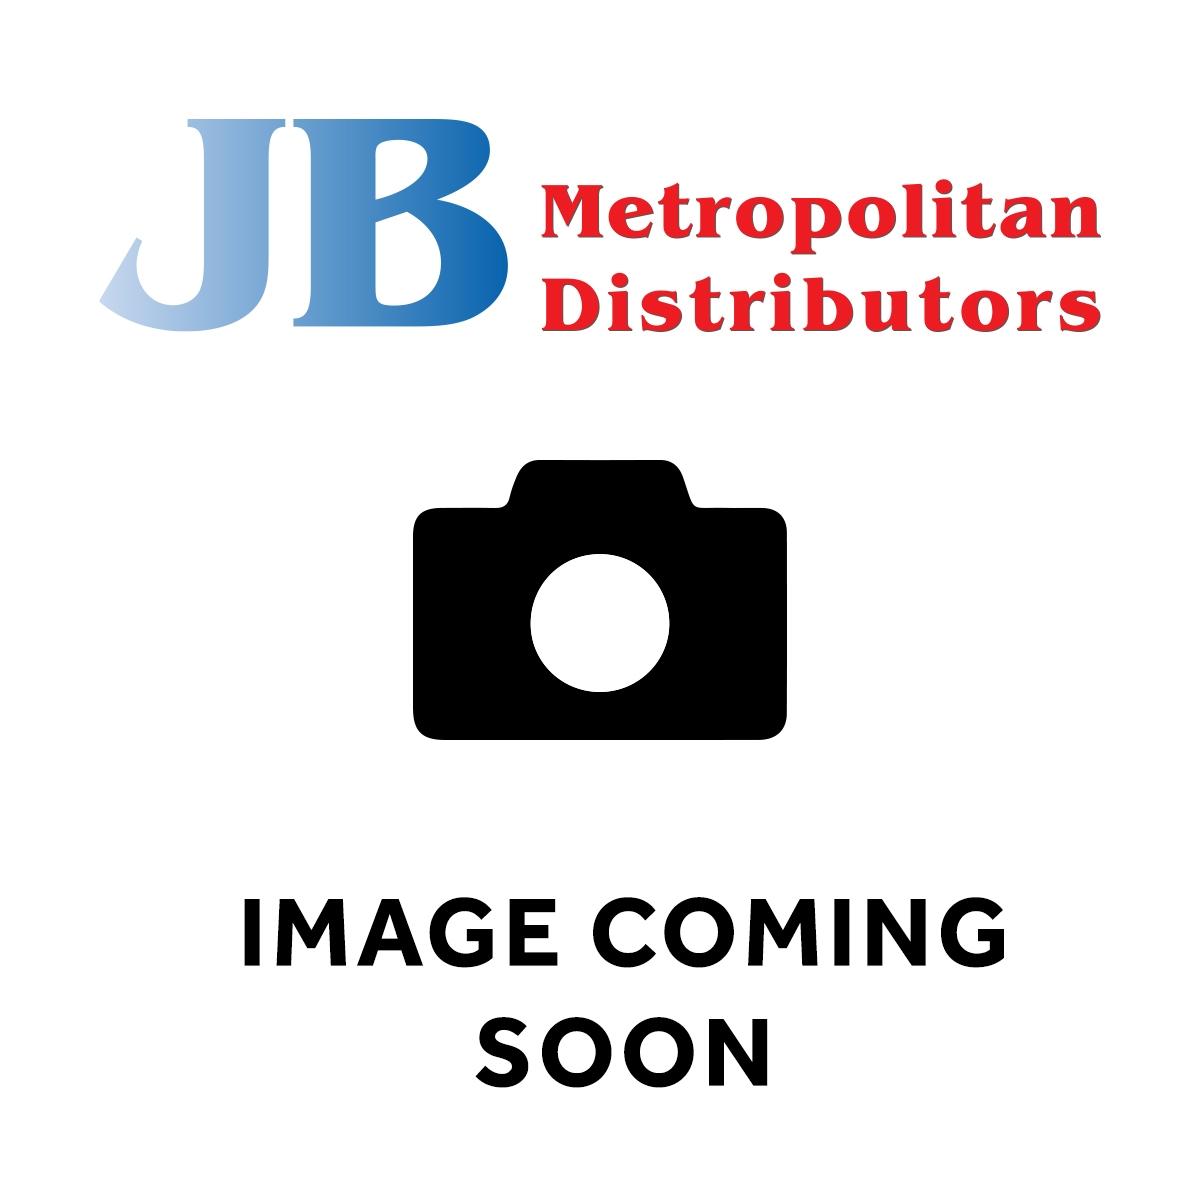 45G SAMBOY CHICKEN